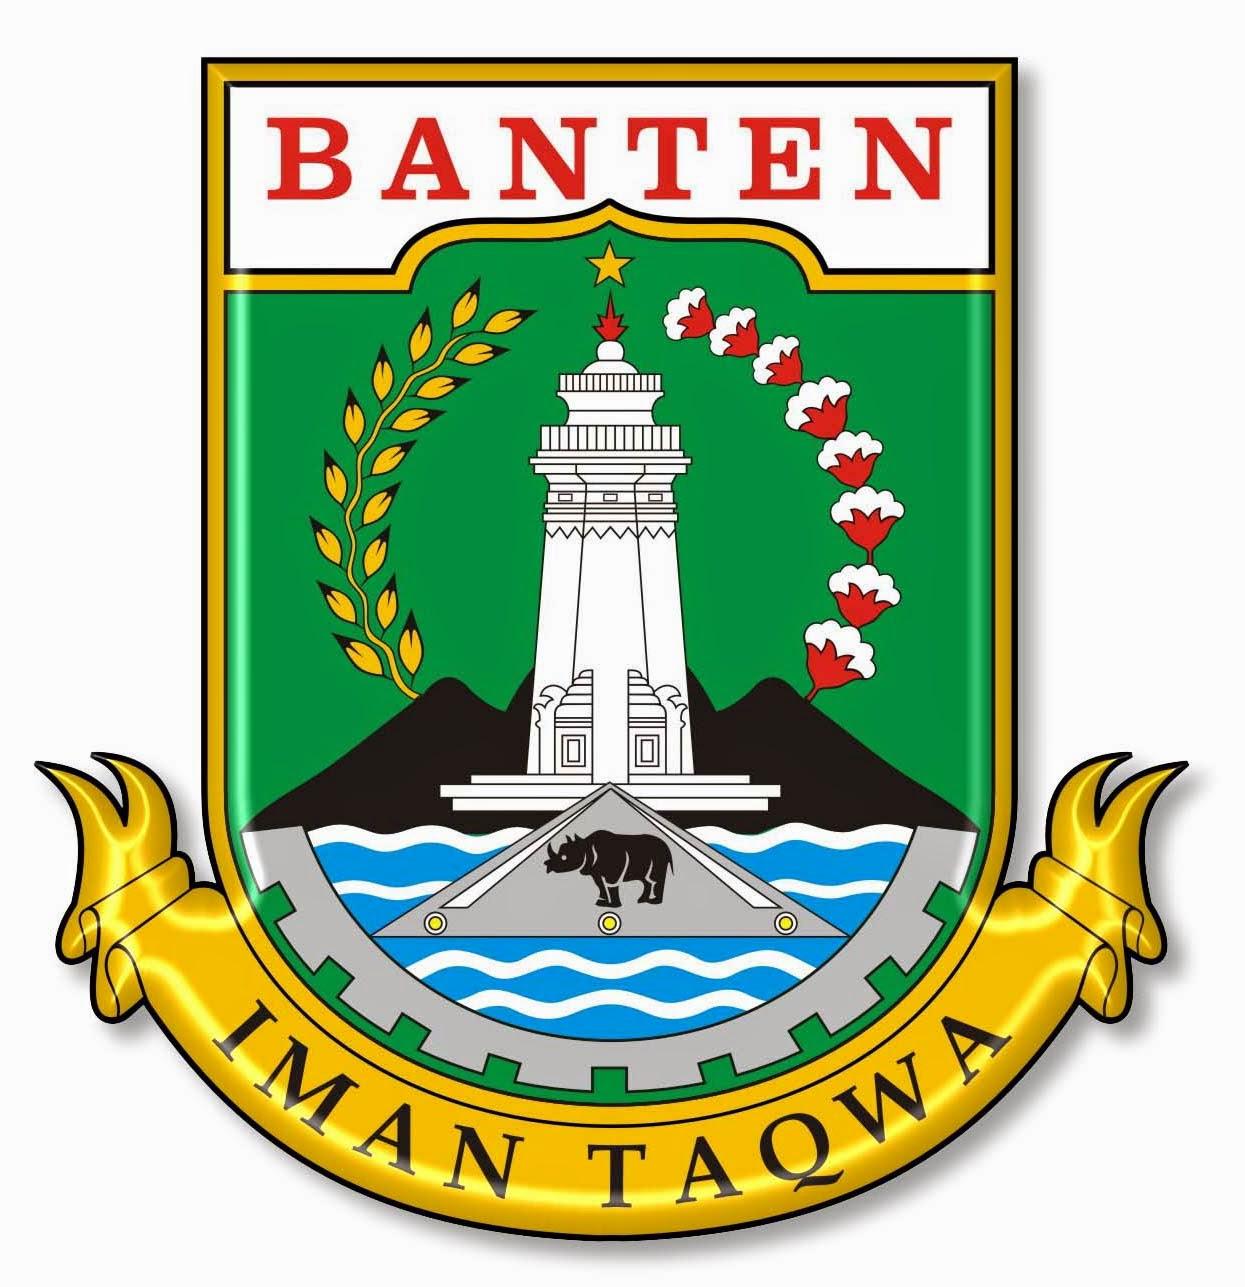 Cpns Banten Lowongan Cpns Serang Kota Pusatinfocpns Cpns Lowongan Cpns 2014 Ini Banten Mendapatkan Jatah Alokasi Cpns